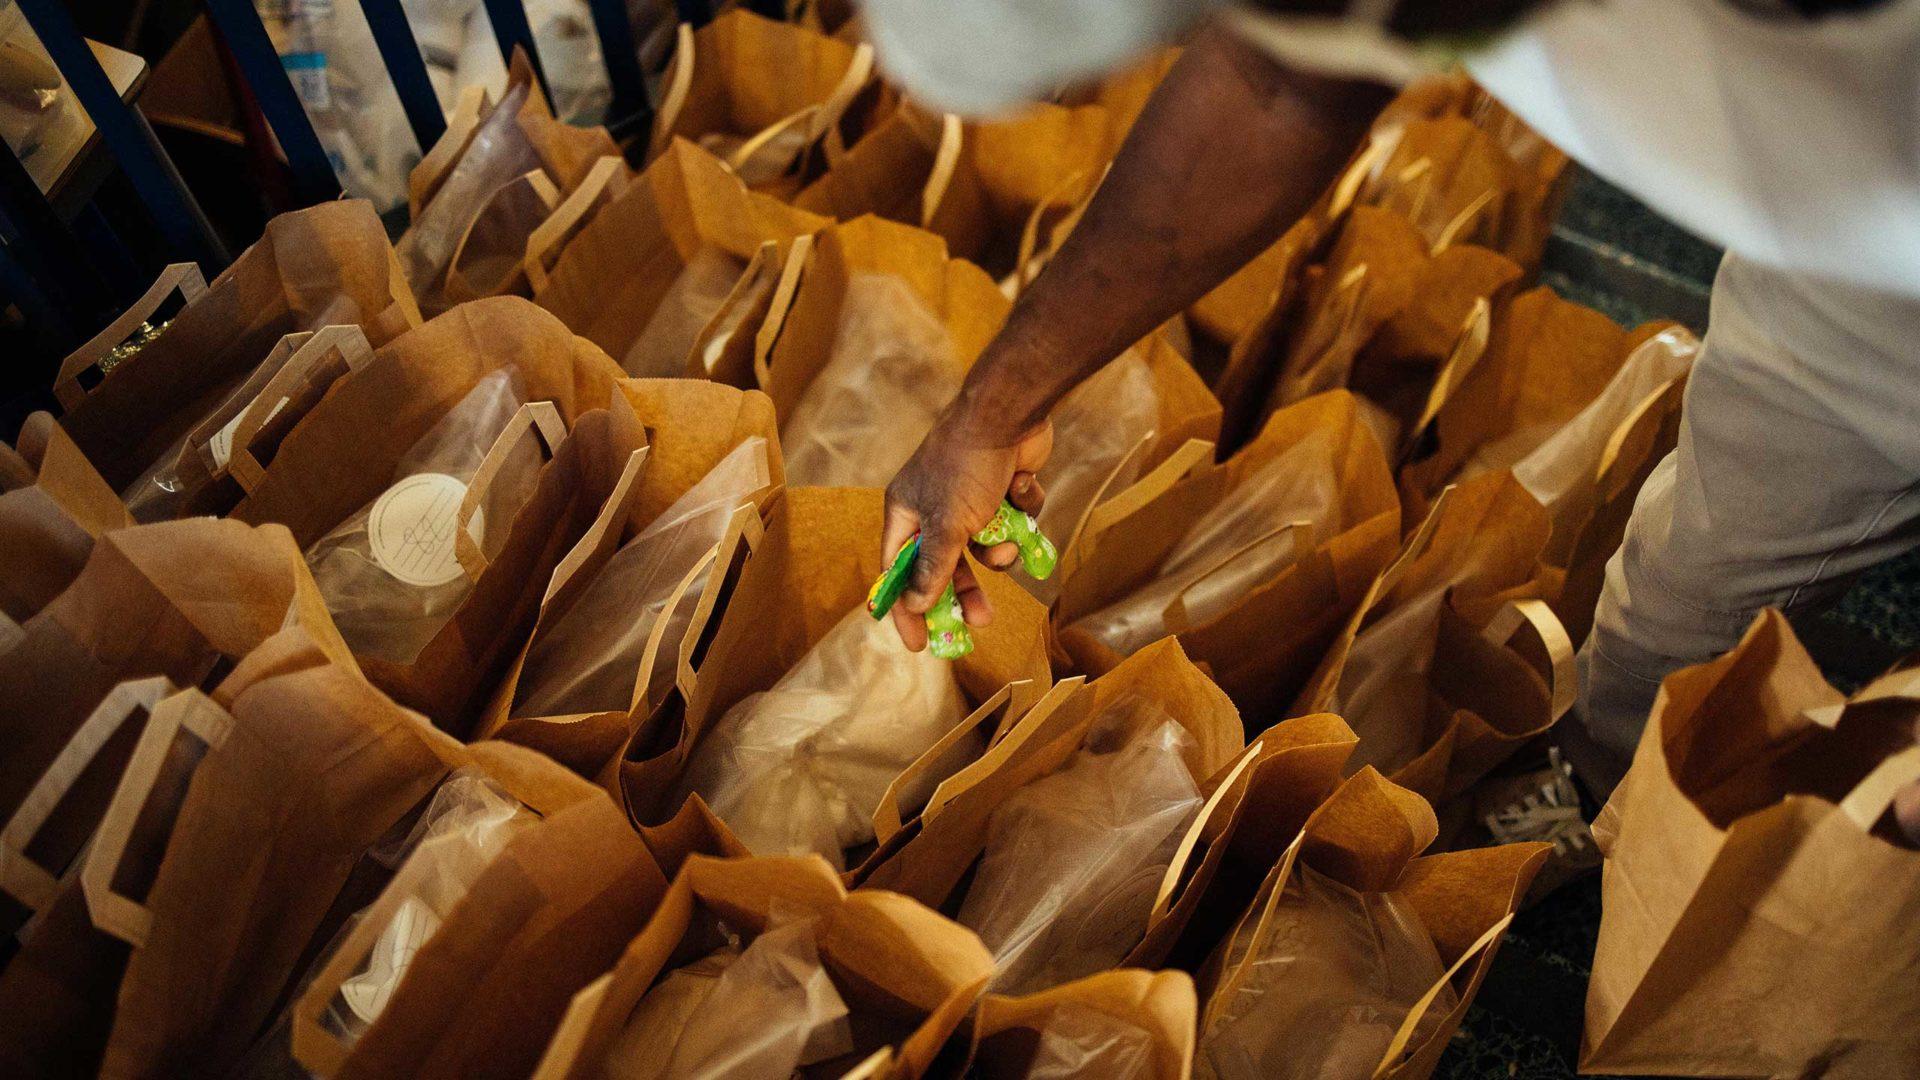 Aktion Mahlzeit. Die Kinder bekommen nicht nur eine Backmischung gegen die Langeweile sondern auch einen kleinen Osterhasen.